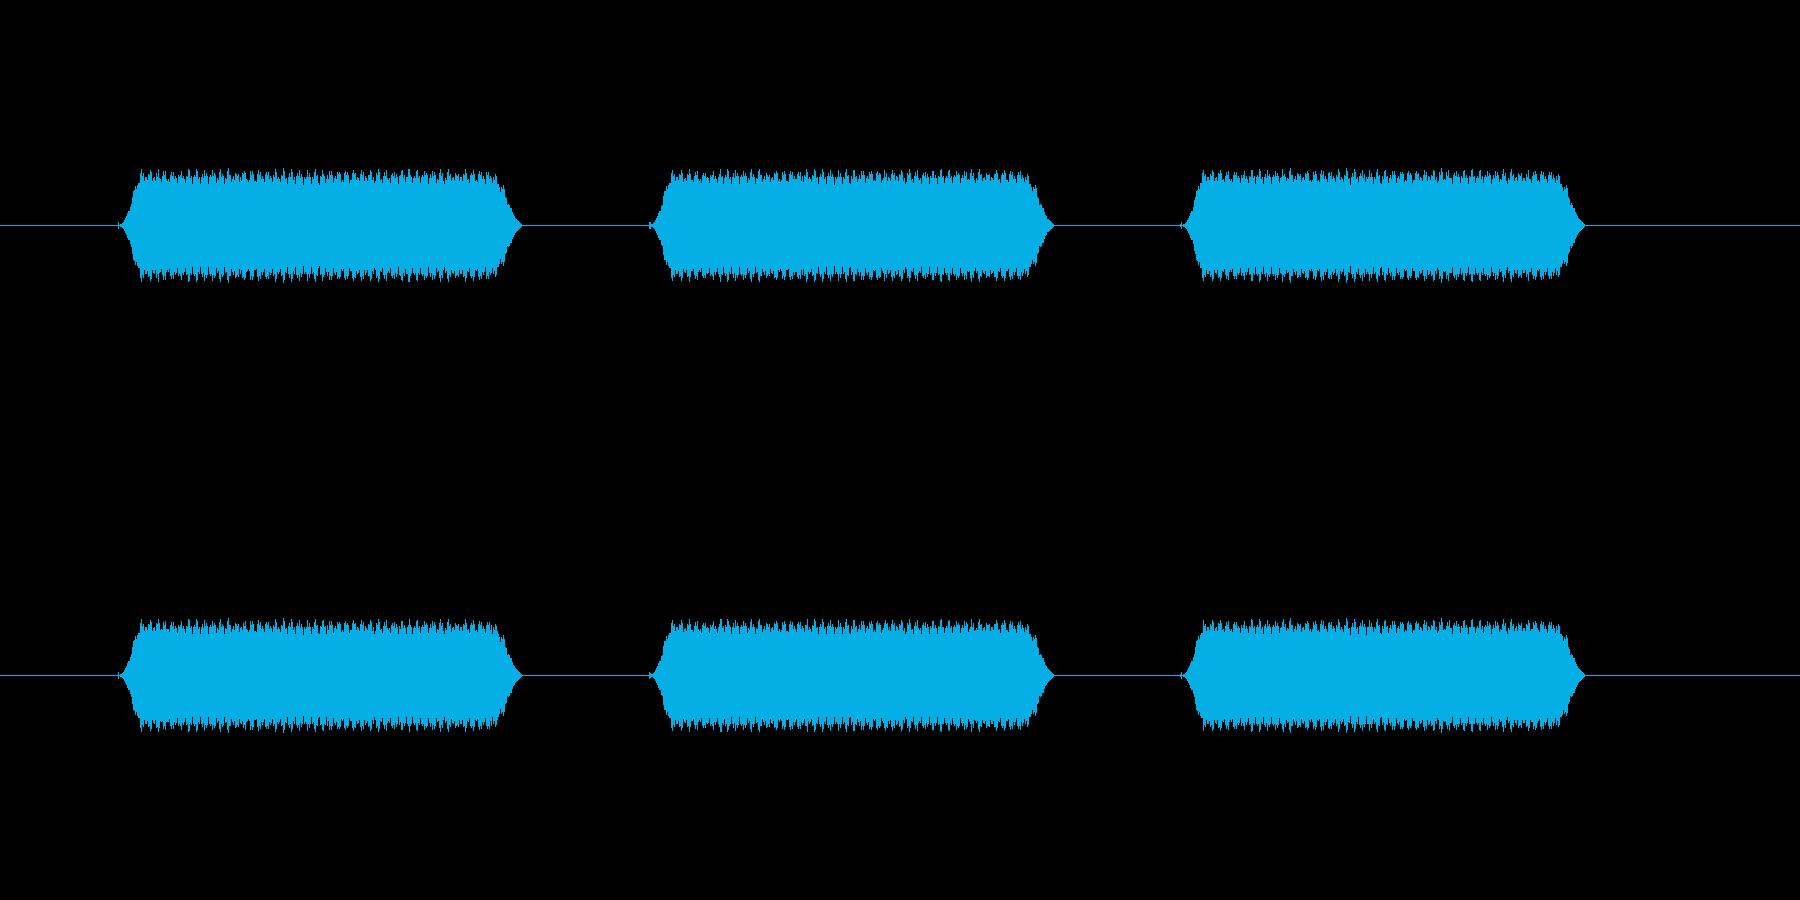 【汎用・セリフ音等】ピピピ(高)の再生済みの波形